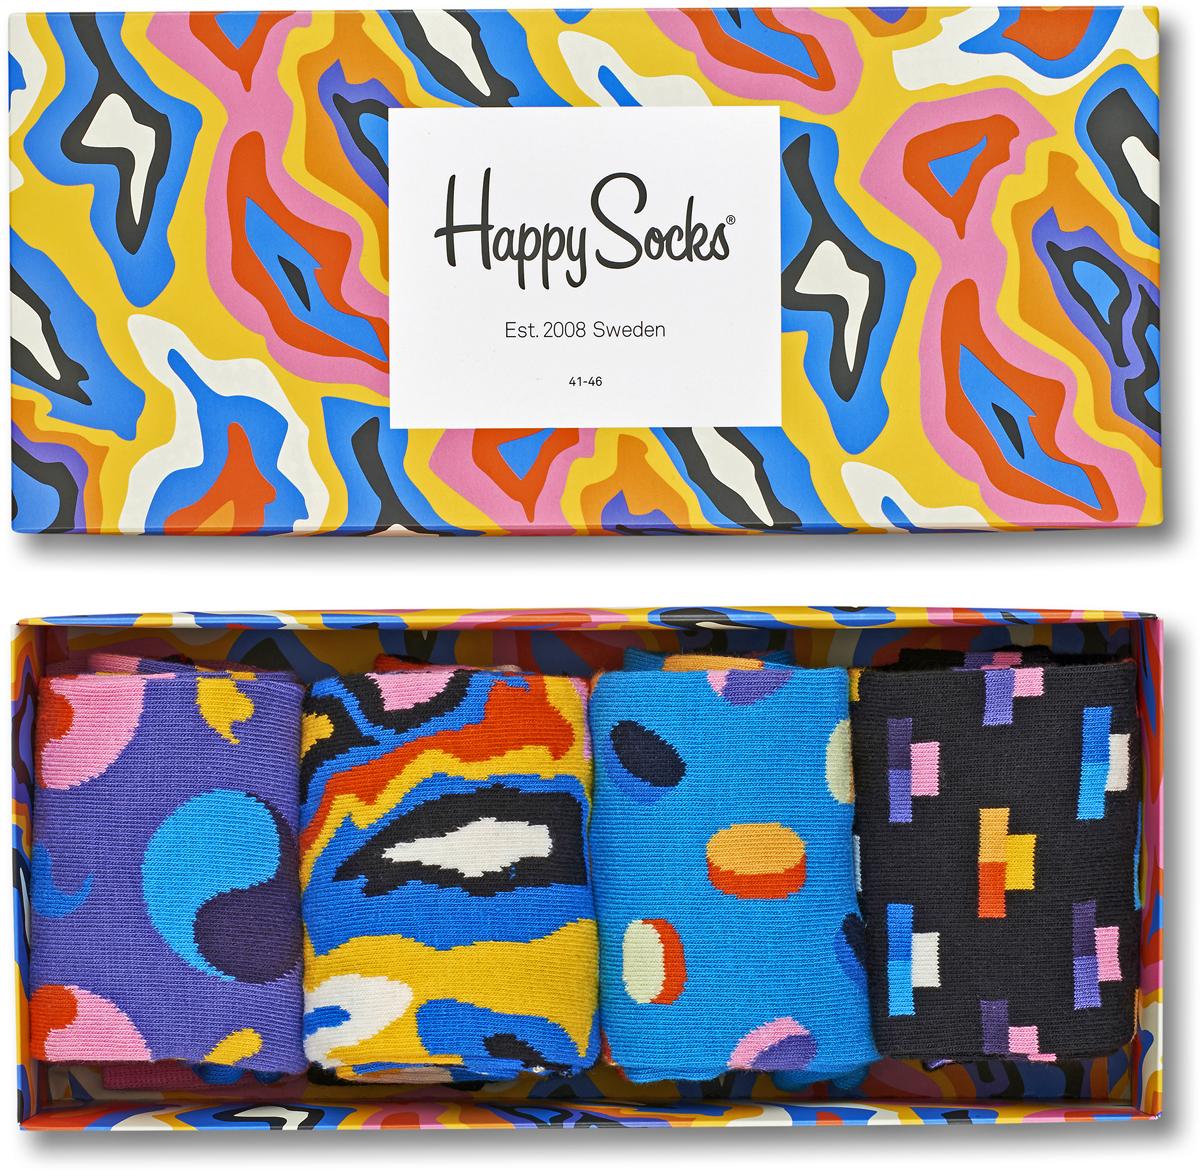 Комплект носков Happy socks, цвет: мультиколор. XPOP09. Размер 29XPOP09Яркие носки Big Bang Socks выполнены из высококачественного хлопка с добавлением полиамида и эластана, которые обеспечивают отличную посадку. В комплект входит четыре пары разноцветных носков с разными принтами. Модель оснащена эластичной резинкой, которая плотно облегает ногу, не сдавливая ее, обеспечивает удобство. Комплект упакован в фирменную коробку.